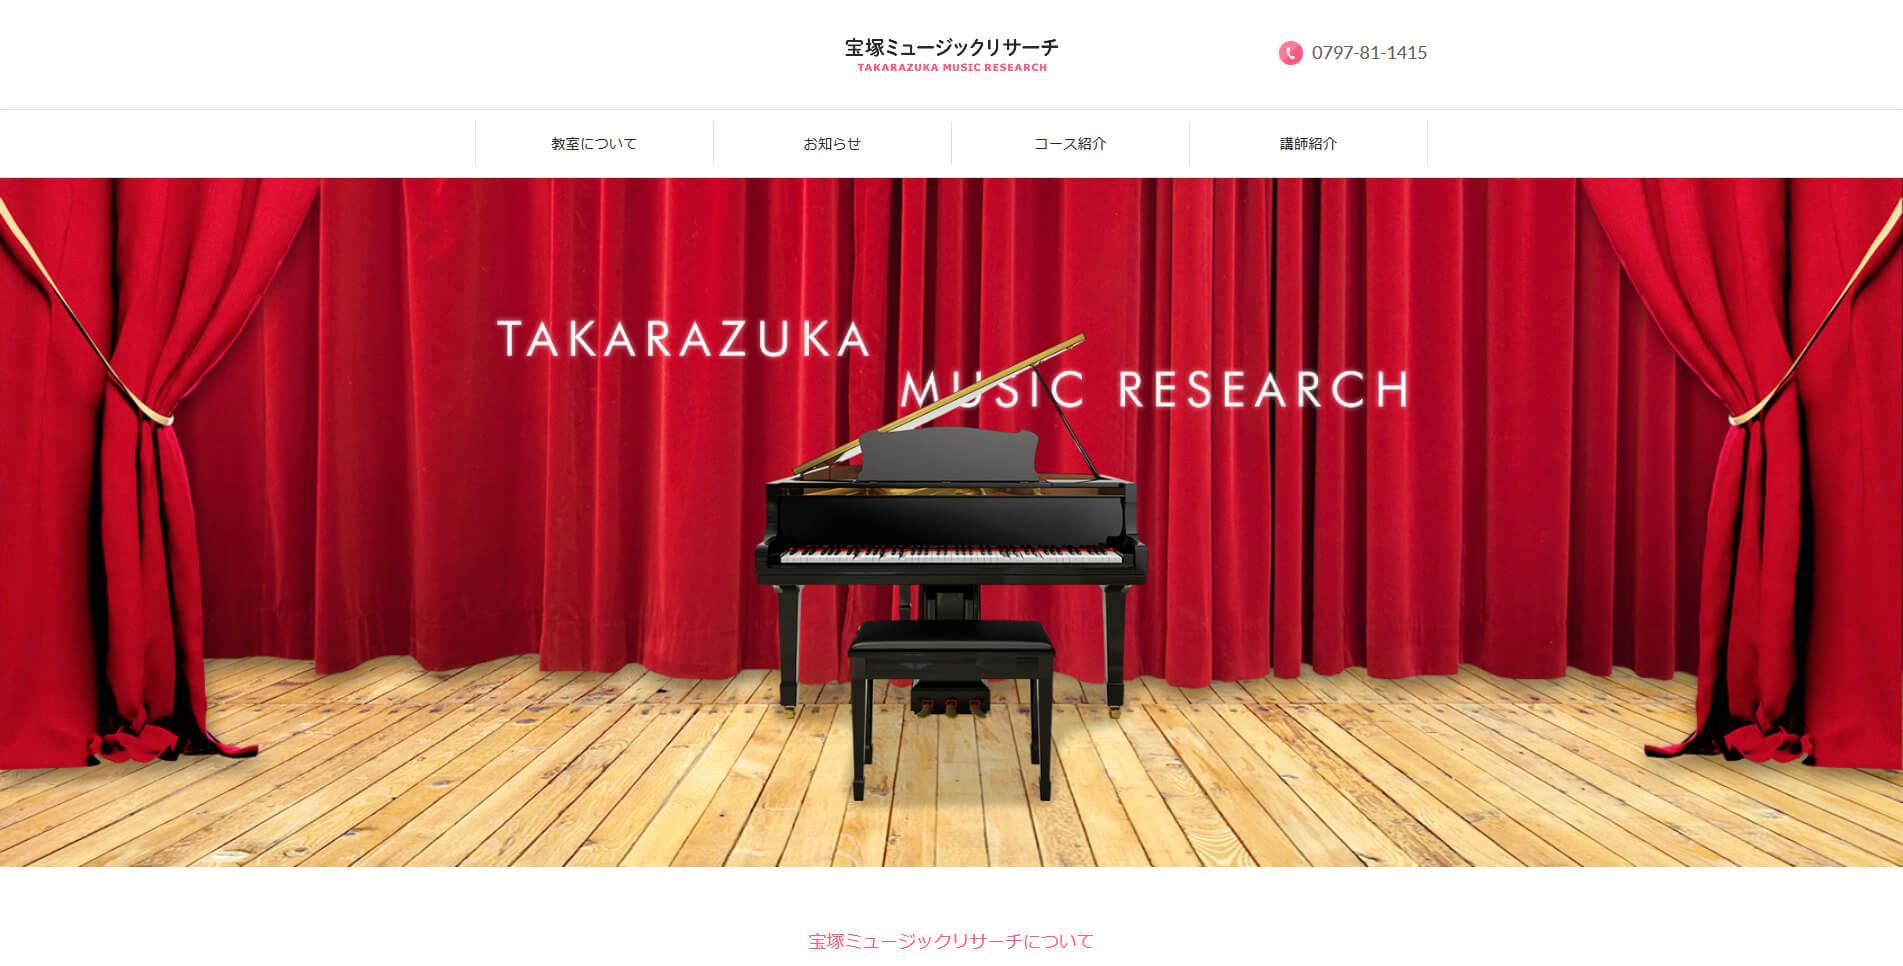 宝塚ミュージックリサーチ